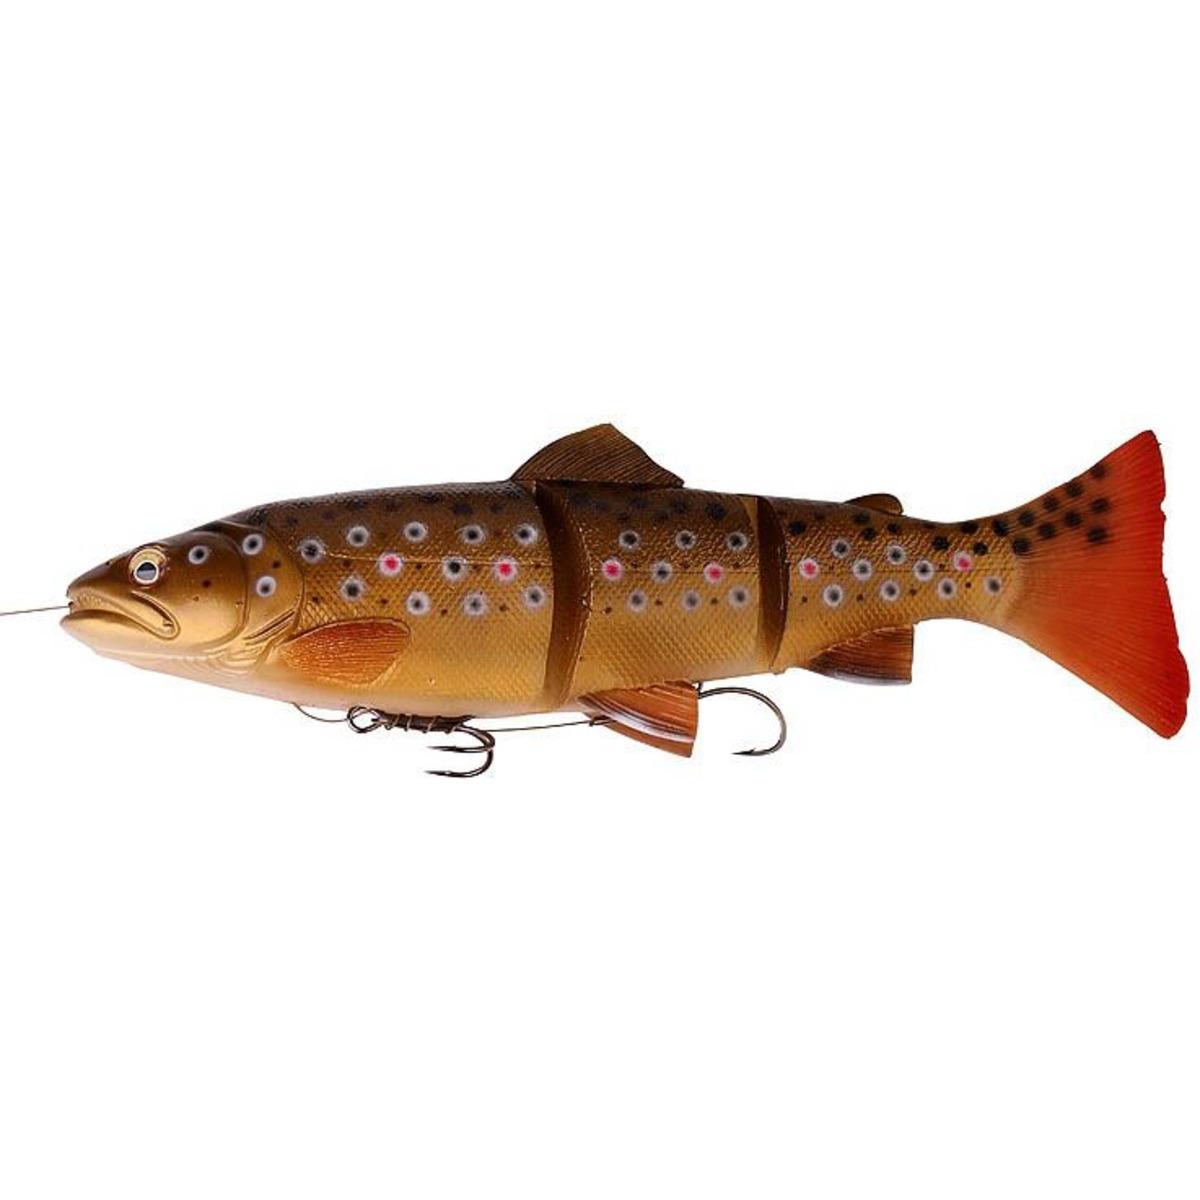 Savage Gear 3D Trout Line Thru - 30 cm - 290 g - Dark Brown Trout